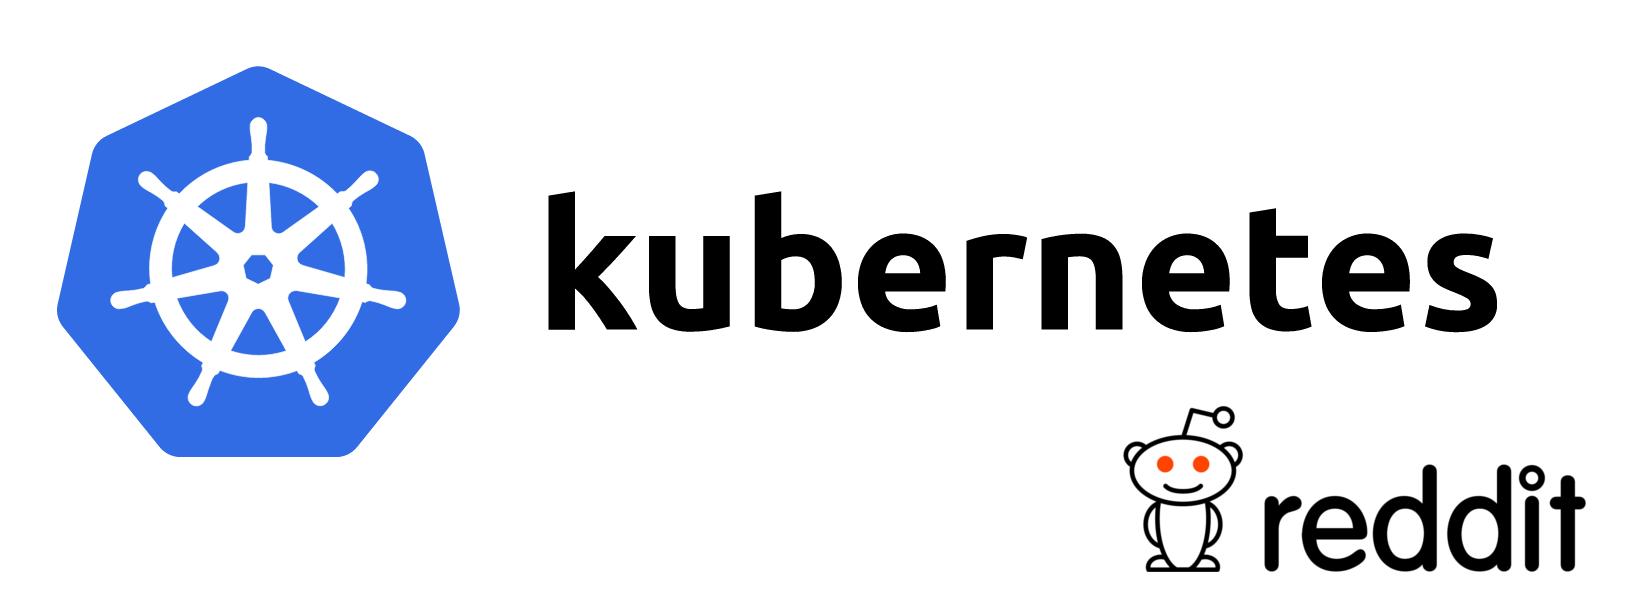 Разработчики Kubernetes отвечают на вопросы пользователей Reddit - 1